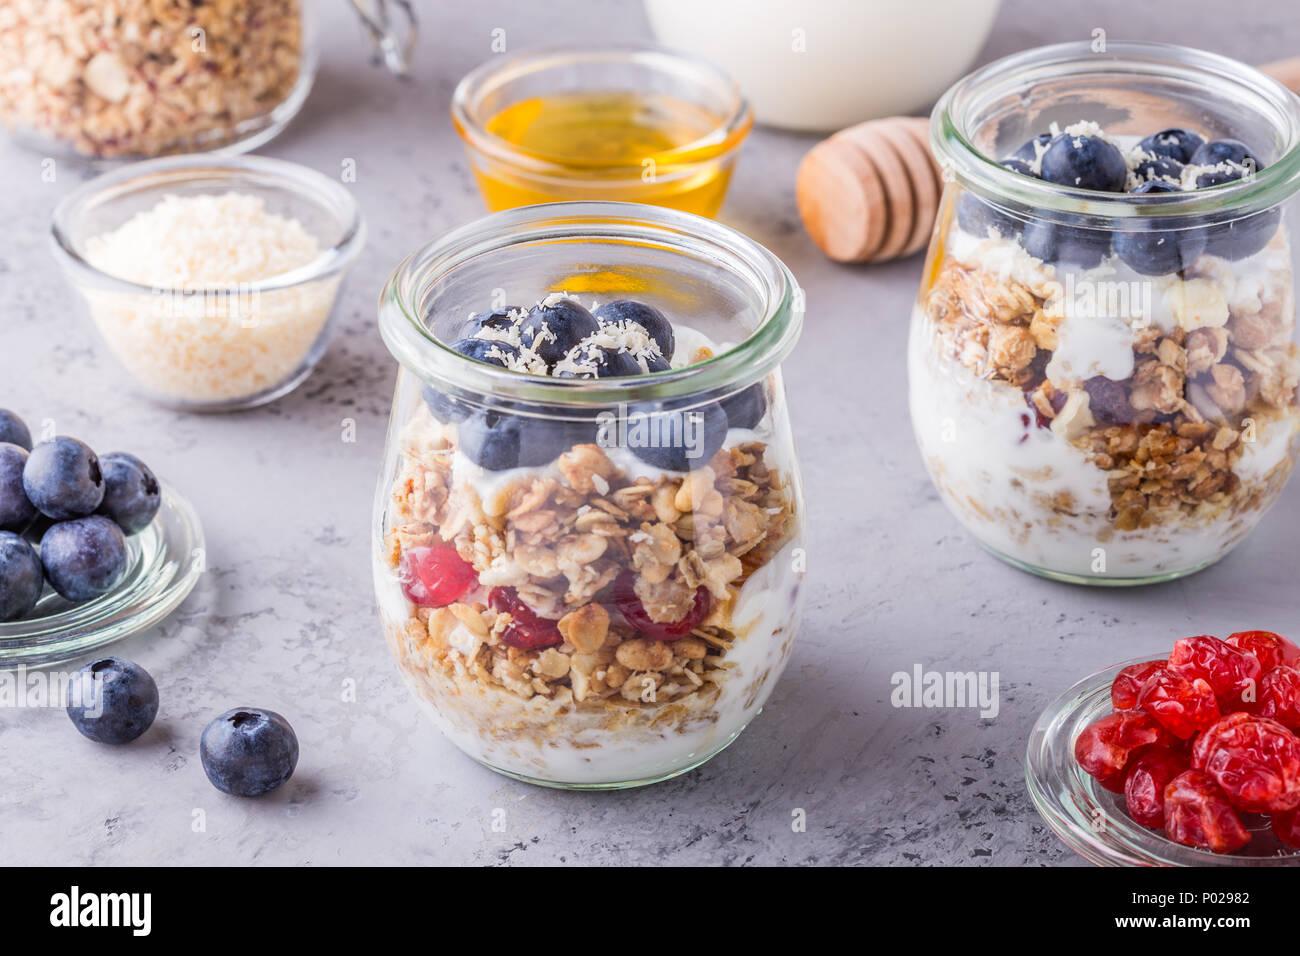 Gesundes Frühstück Glas Gläser Haferflocken Mit Frischem Obst